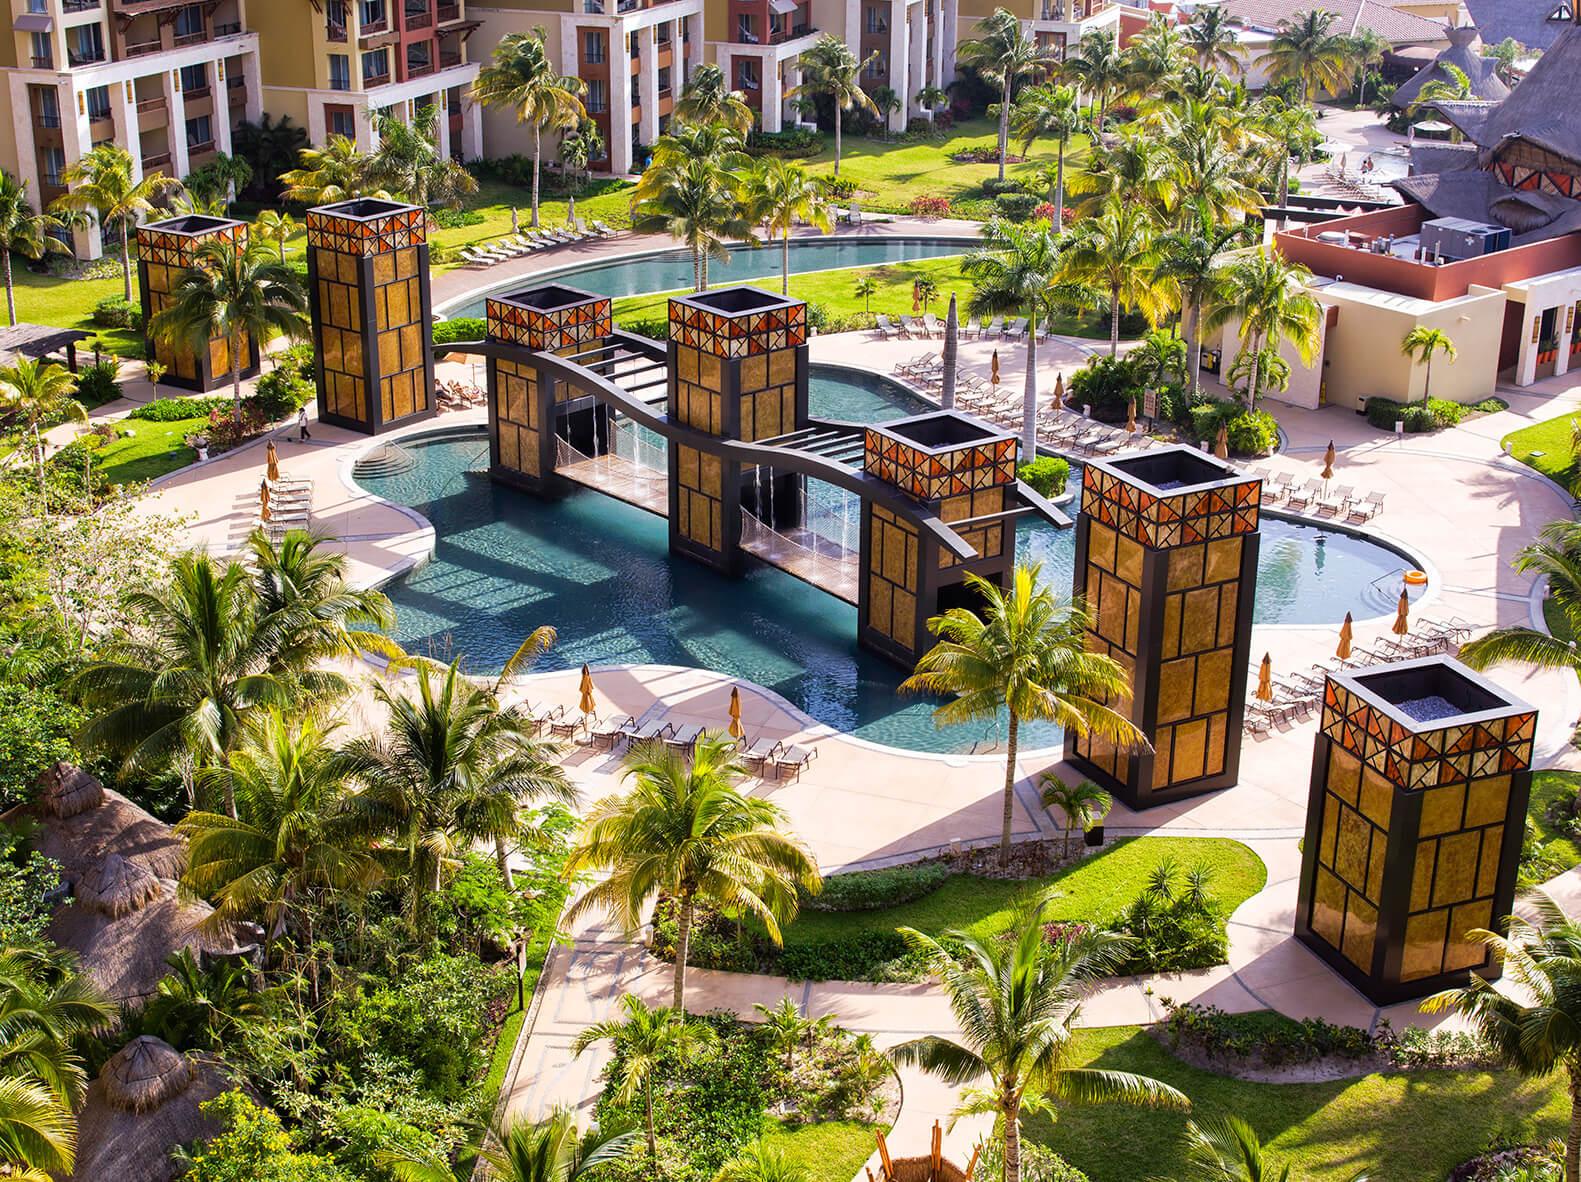 Villa del Palmar Cancun Review